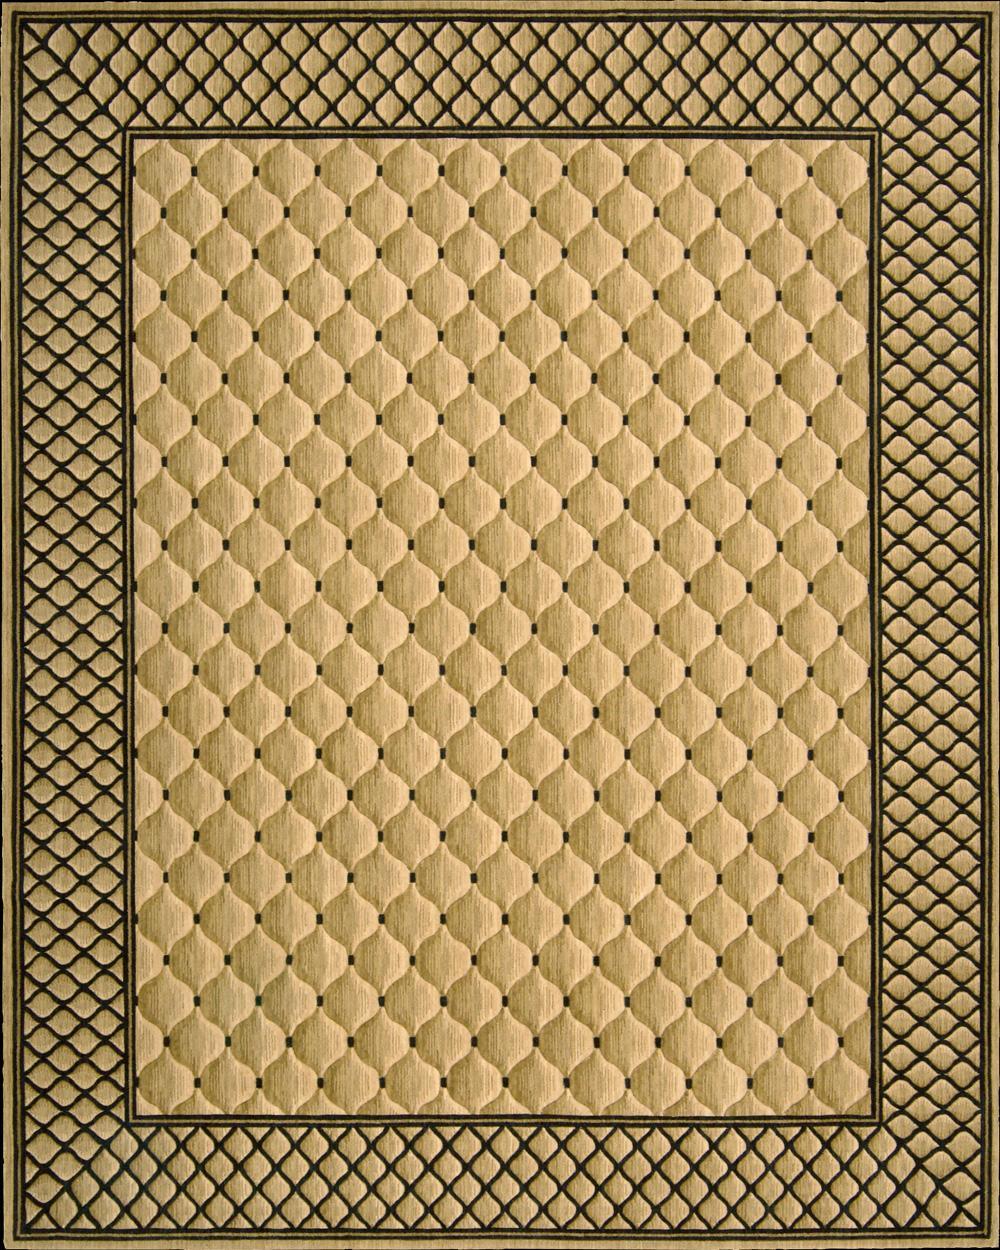 Nourison Vallencierre Area Rug 2' x 3' - Item Number: 61790